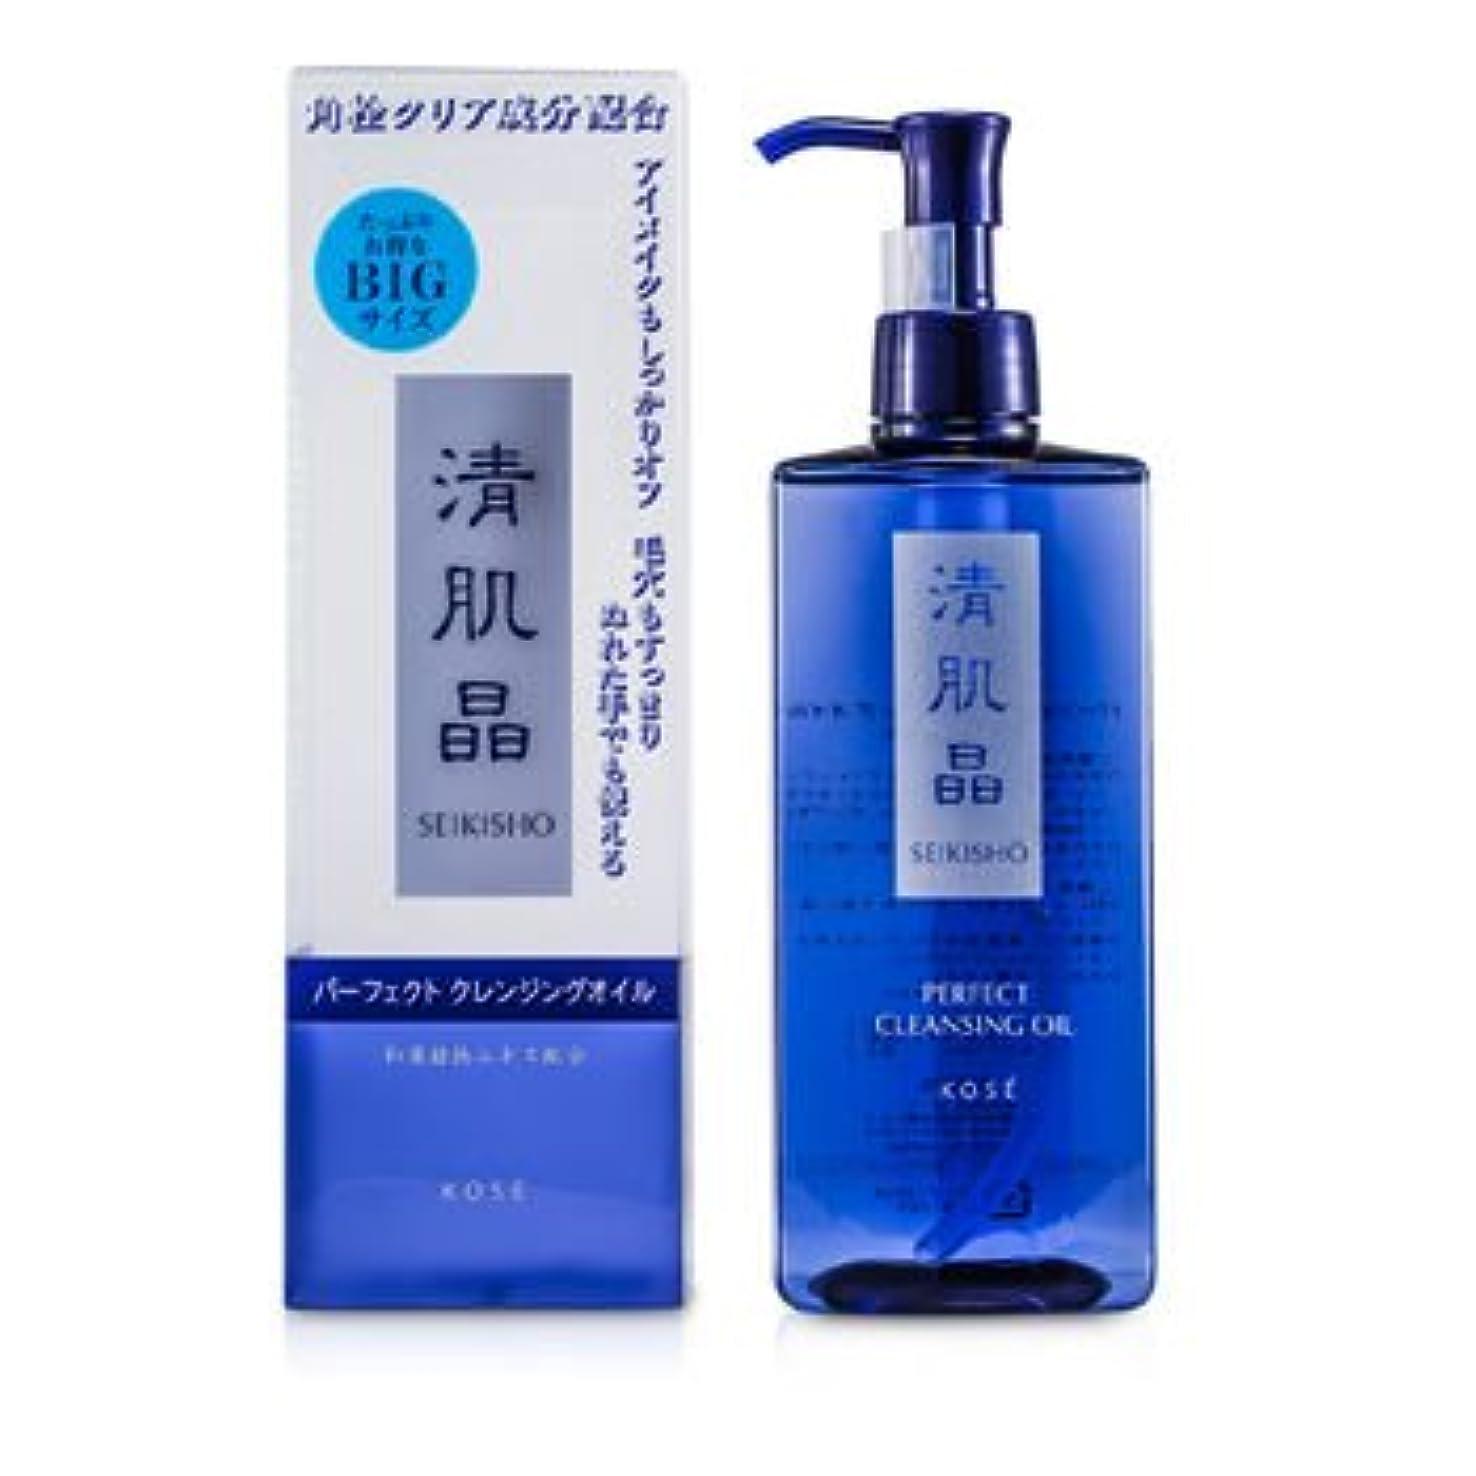 代数的義務的パイントコーセー Seikisho Perfect Cleansing Oil 330ml/11oz並行輸入品